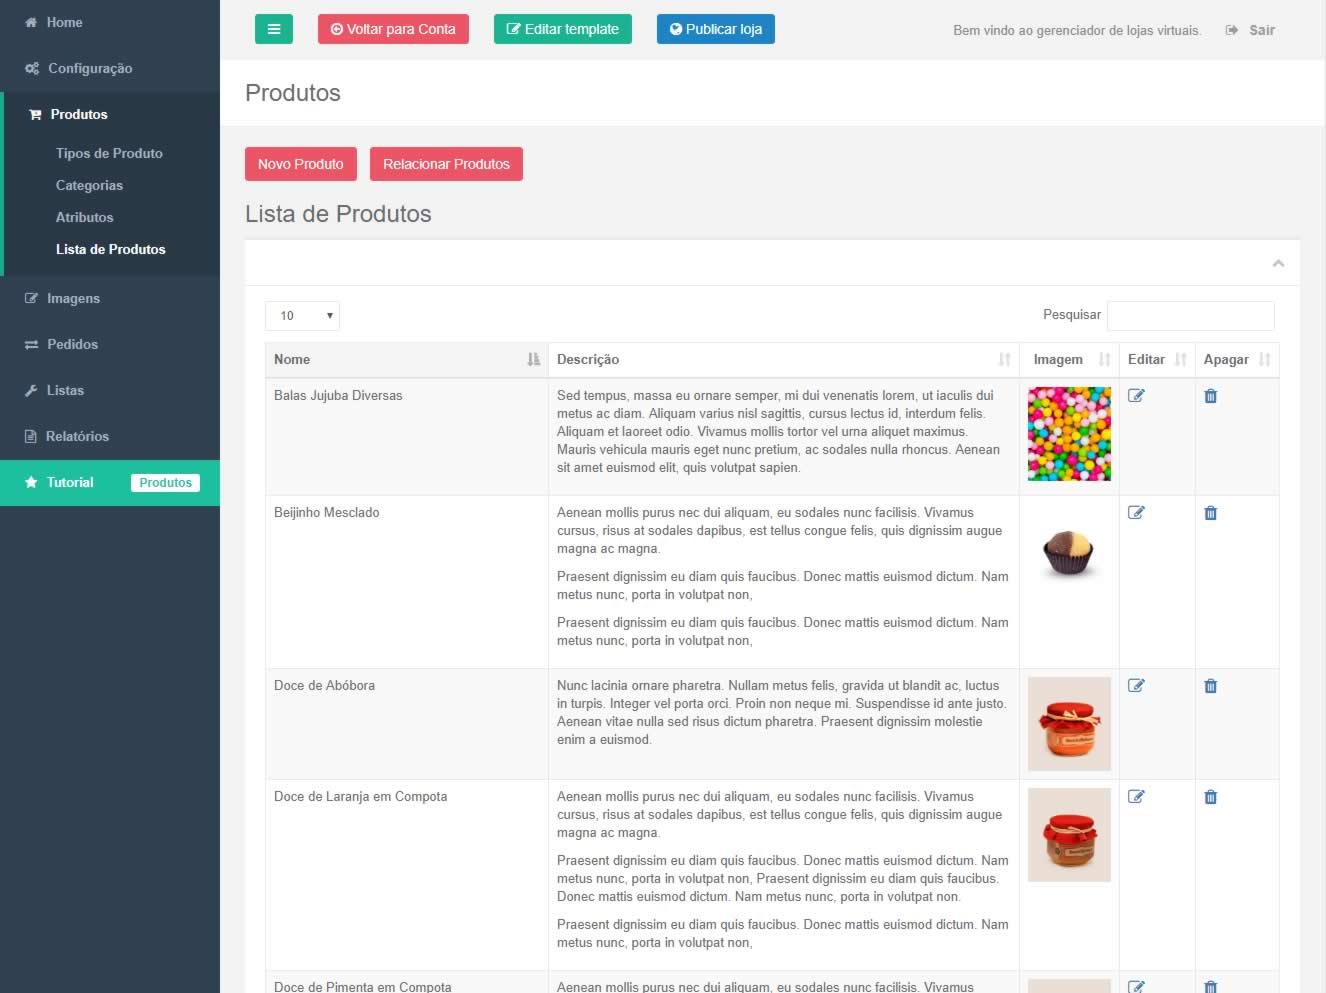 Listagem de produtos da loja virtual TWI - Turbo Web Internet